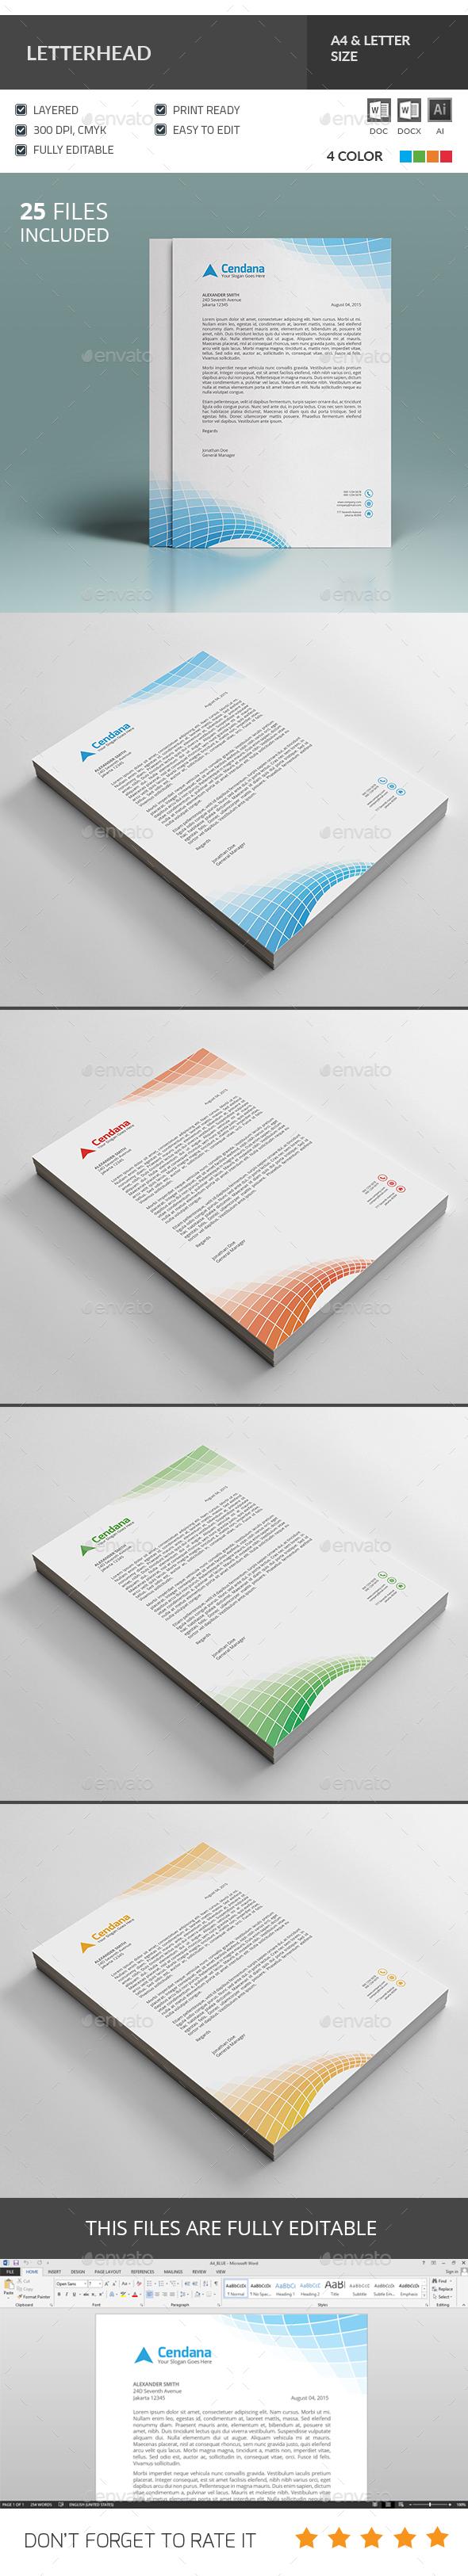 Letterhead Template - Corporate Business Cards